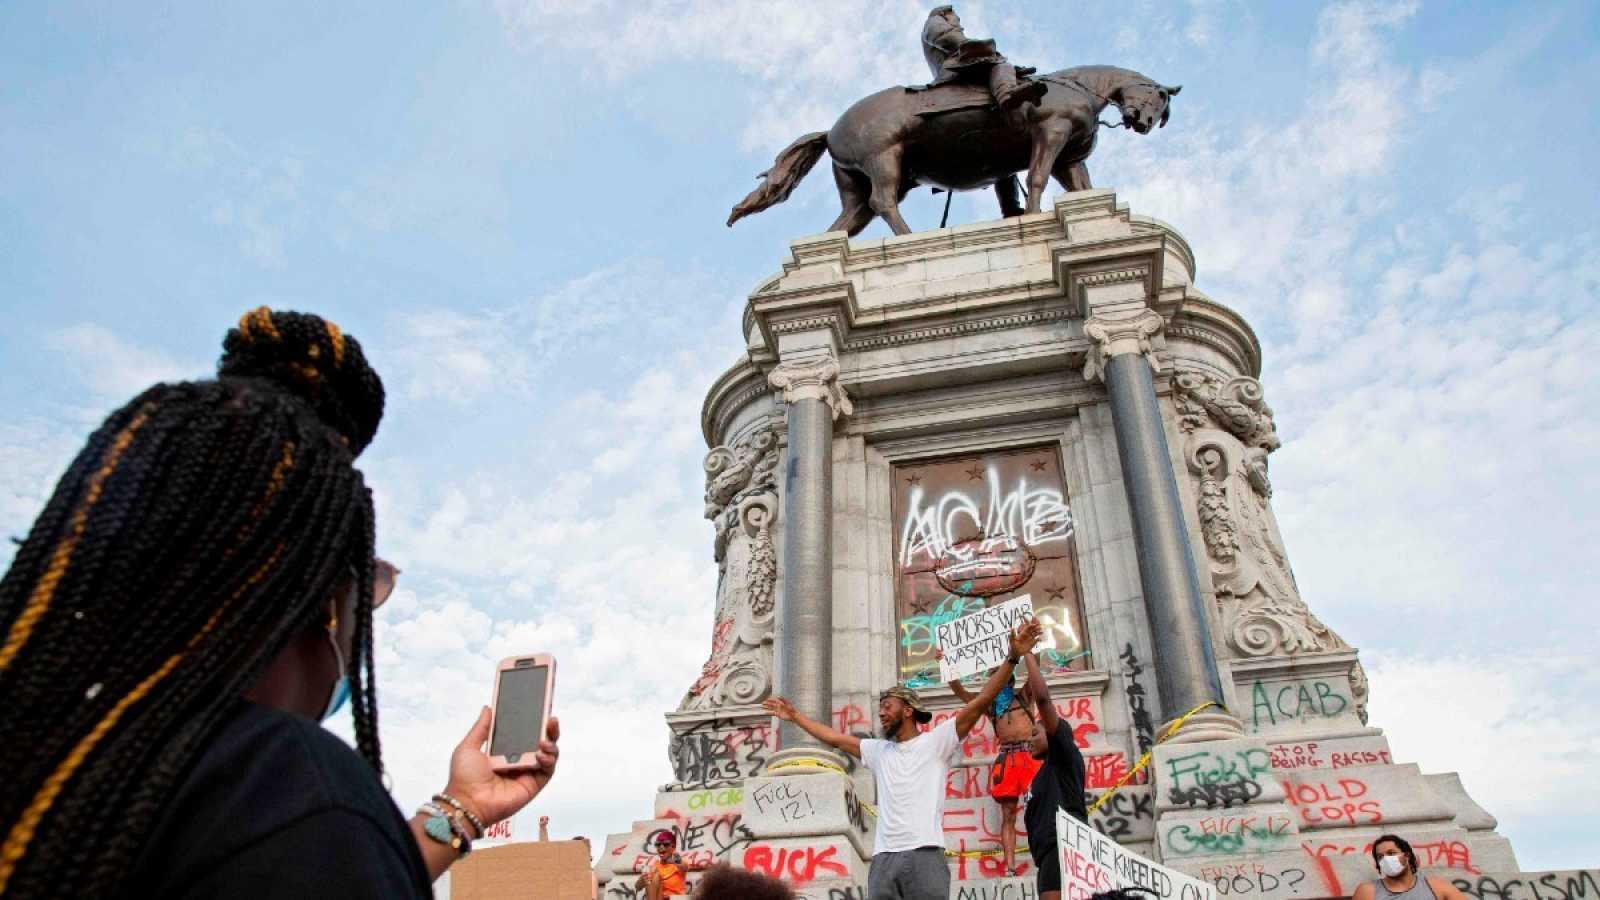 El estado de Virginia anuncia que retirará la estatua de un general confederado por ser un símbolo racista